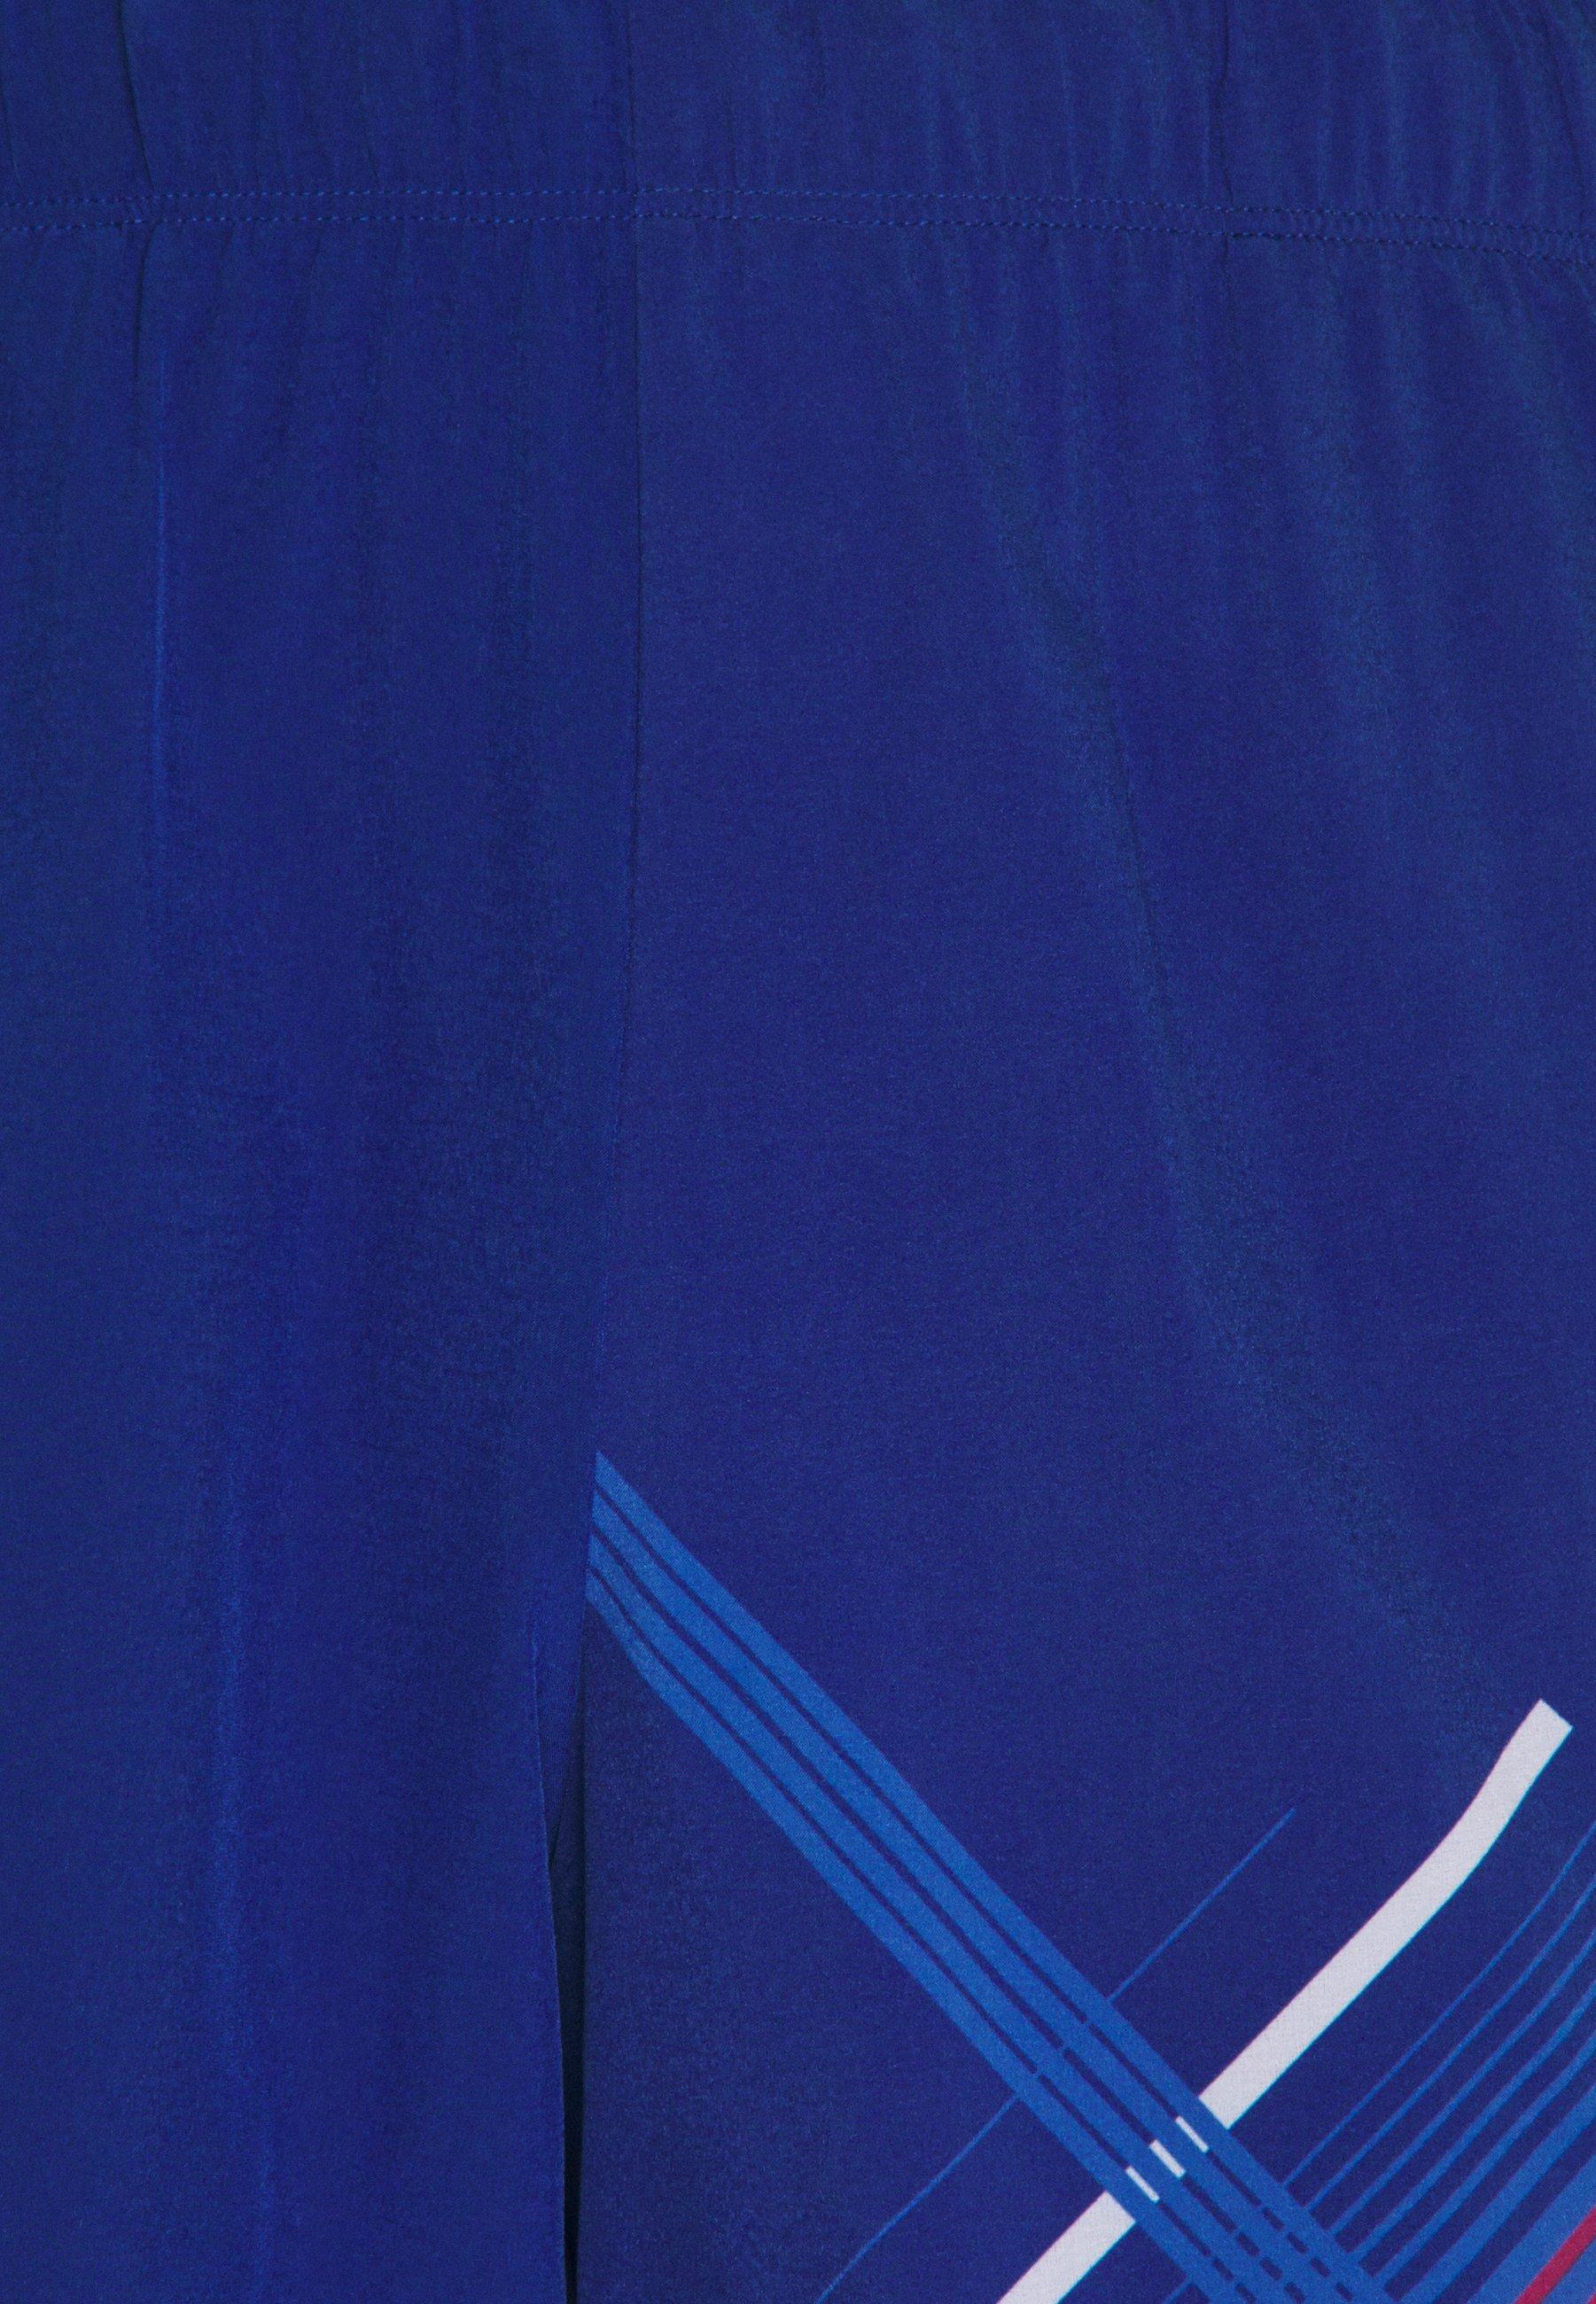 Oficial Ropa de hombre Mizuno AMPLIFY Pantalón corto de deporte mazarine blue Tv55AW